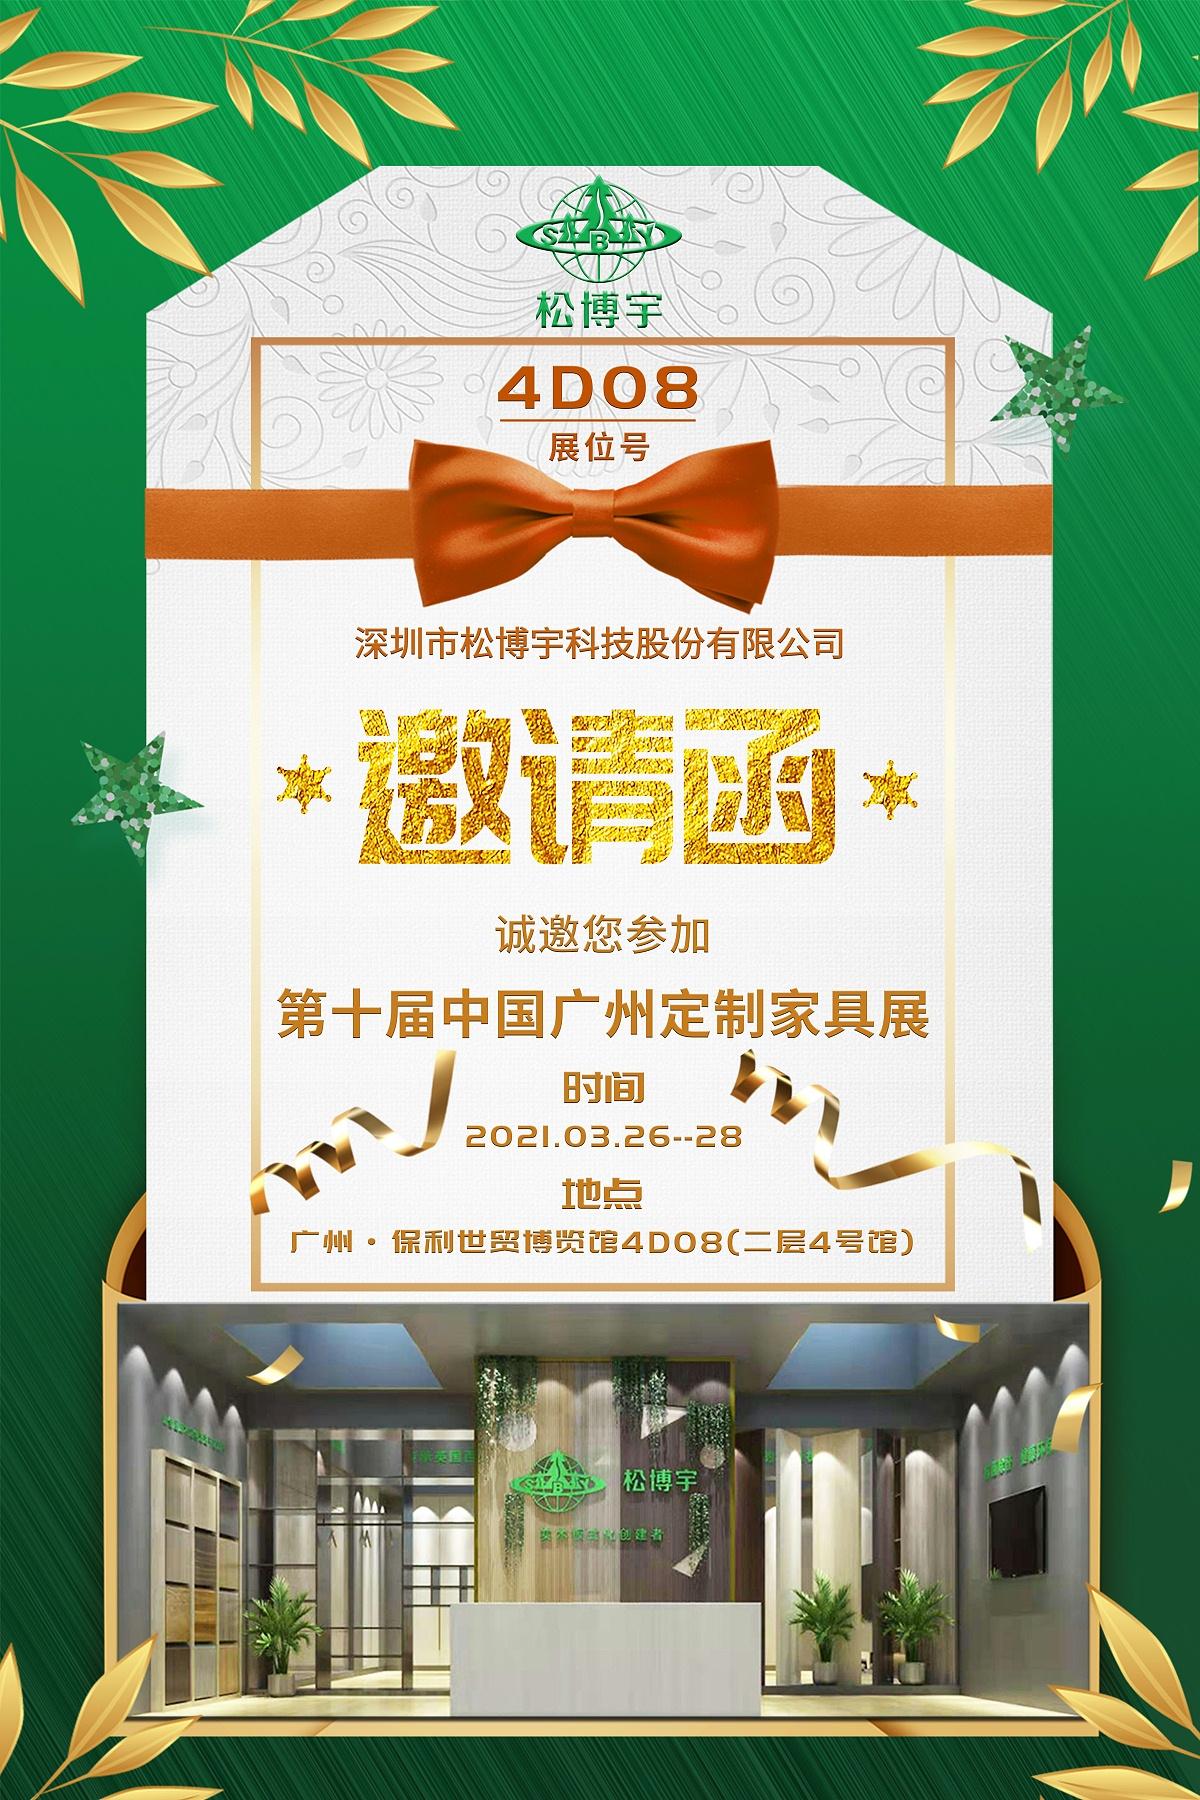 美洲实木板材厂家松博宇在广州—保利世贸博览馆4D08二层4号馆